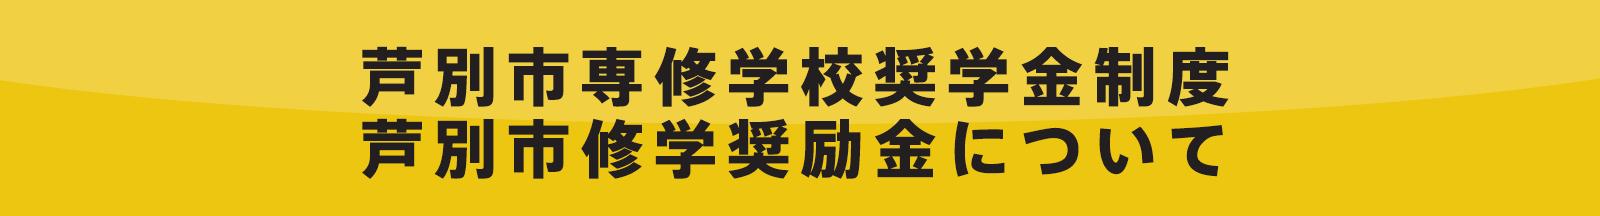 芦別市専修学校奨学金制度 芦別市修学奨励金について